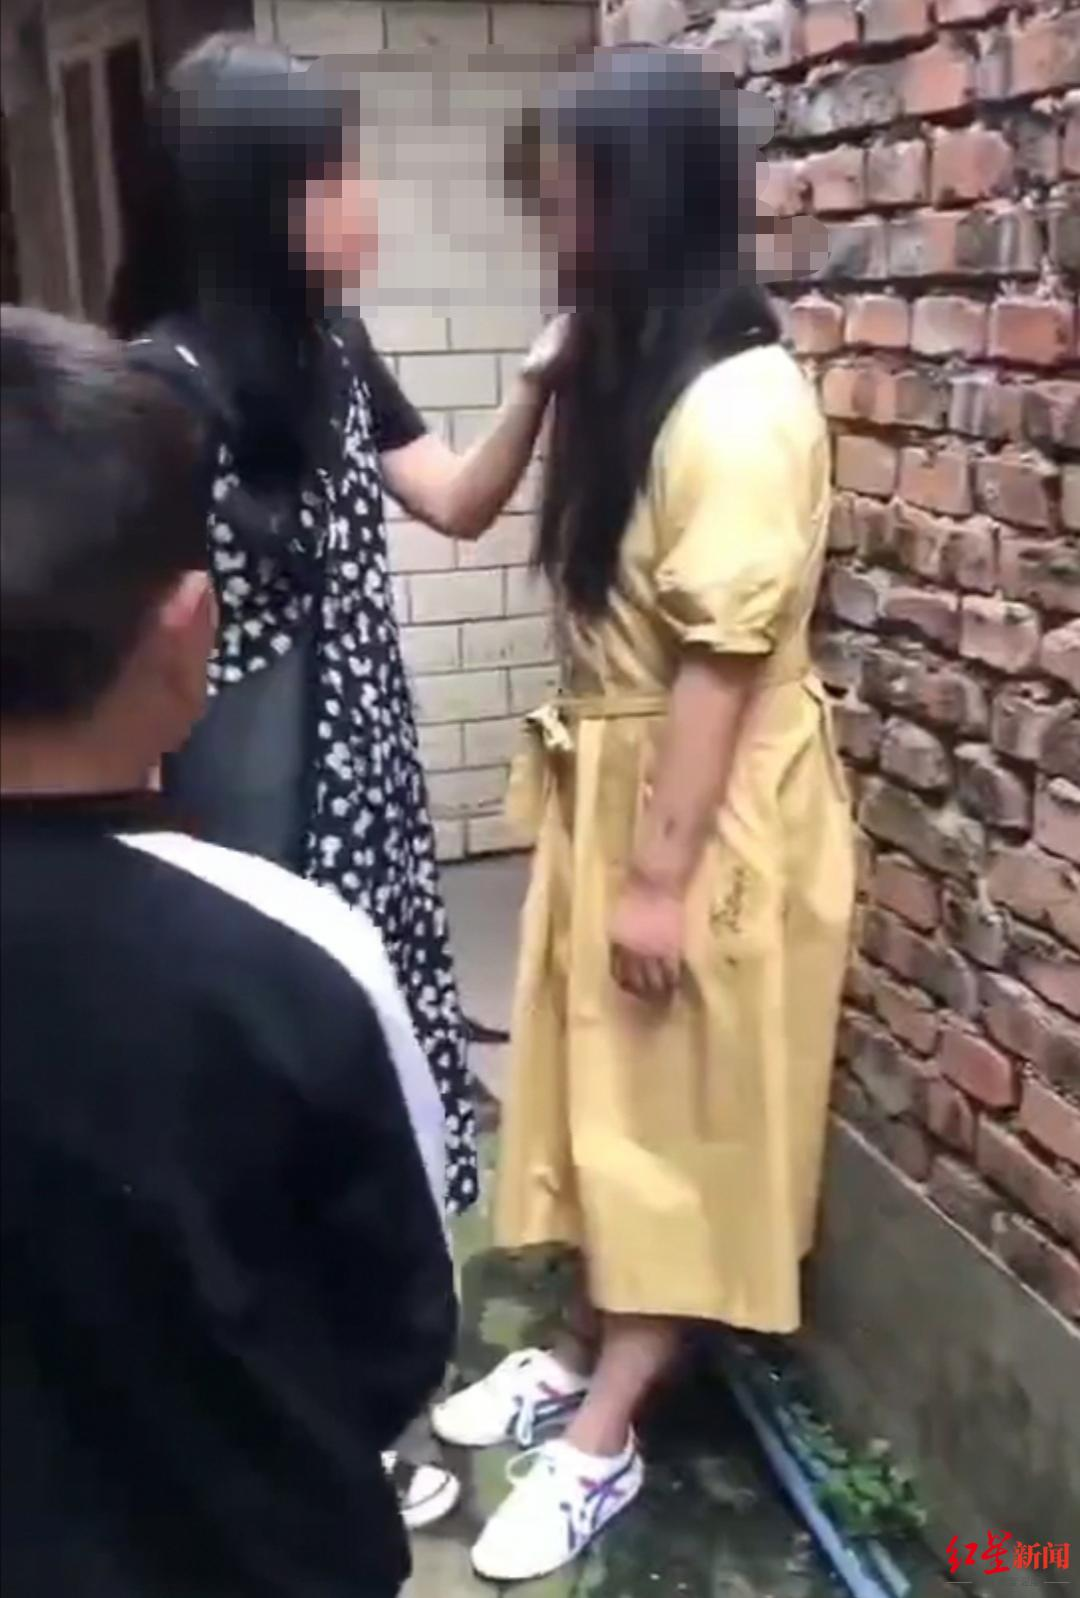 【域名和空间】_四川乐山未成年女孩遭7人欺凌并拍视频 警方介入调查